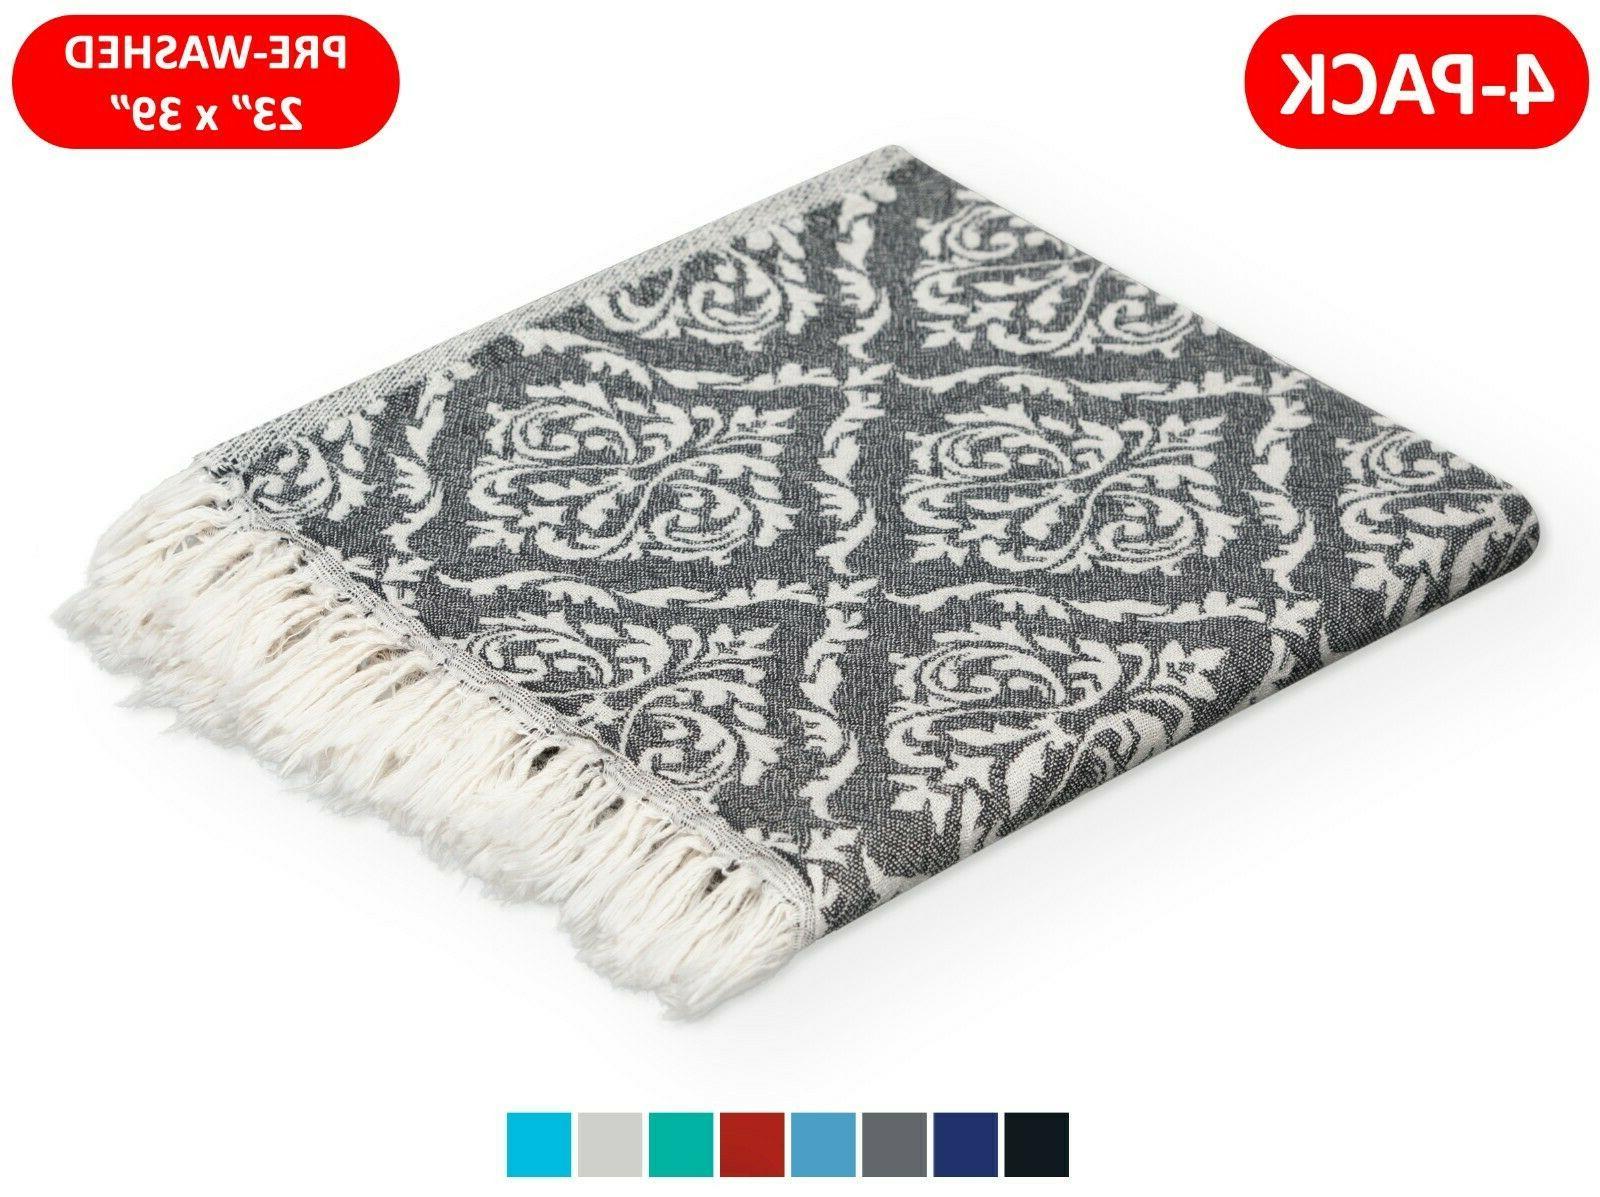 TURKISH HAND TOWELS 23x39 FACE HAIR KITCHEN GYM